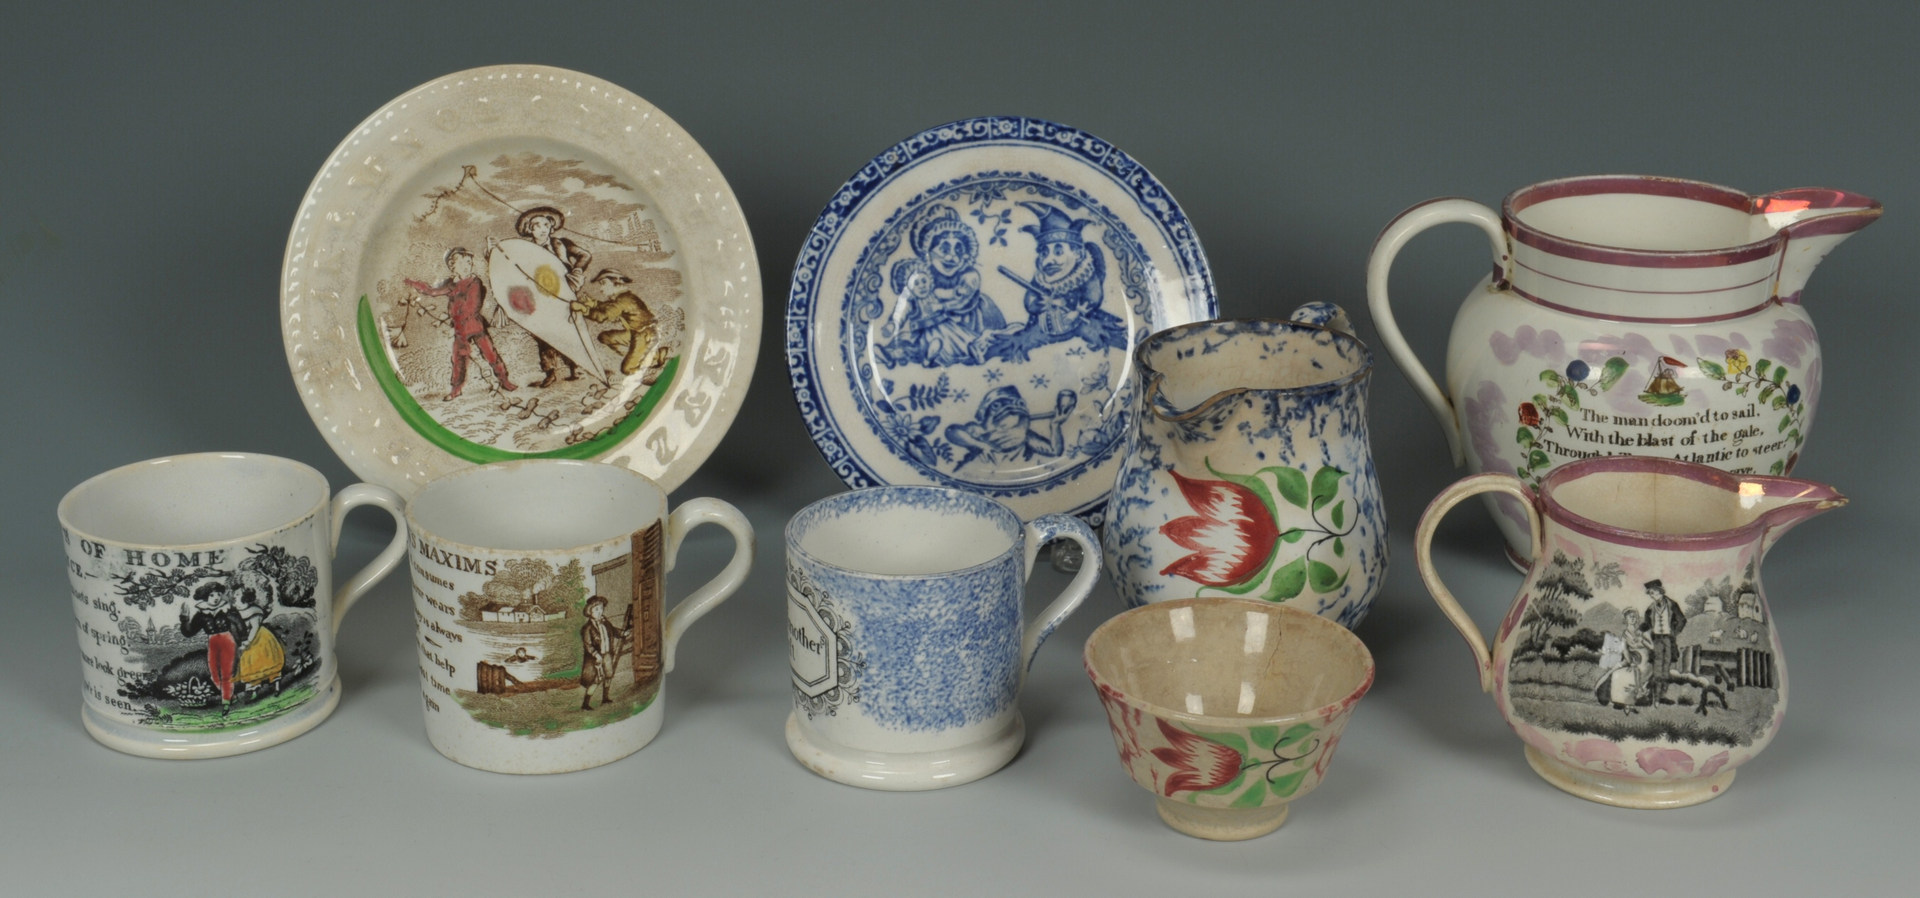 Lot 254: 19th c. ceramics, Sunderland & Spatterware